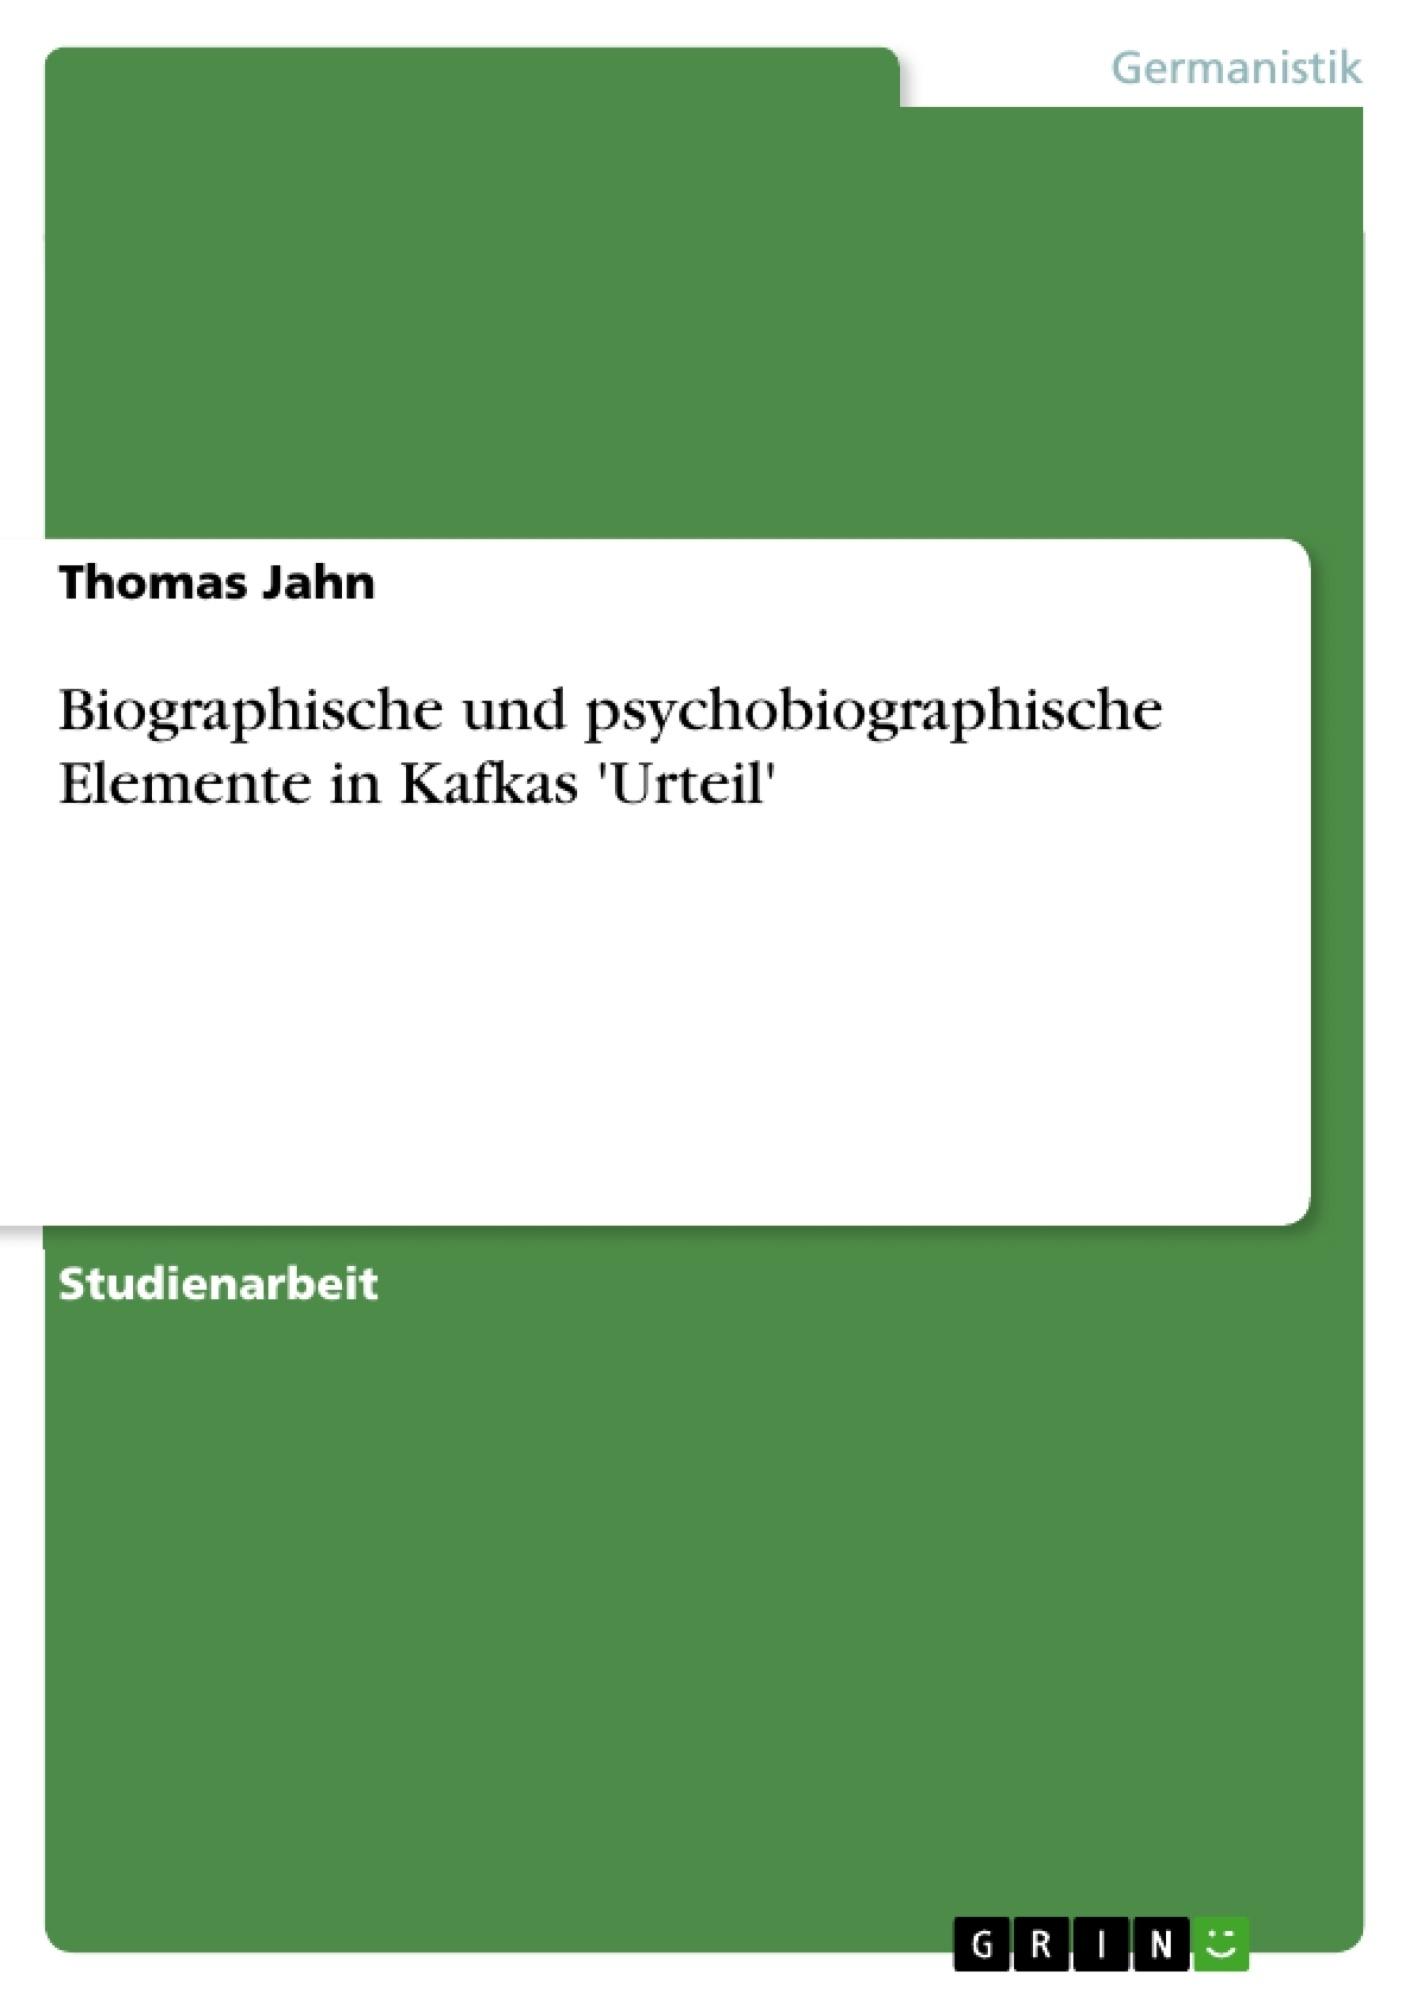 Titel: Biographische und psychobiographische Elemente in Kafkas 'Urteil'